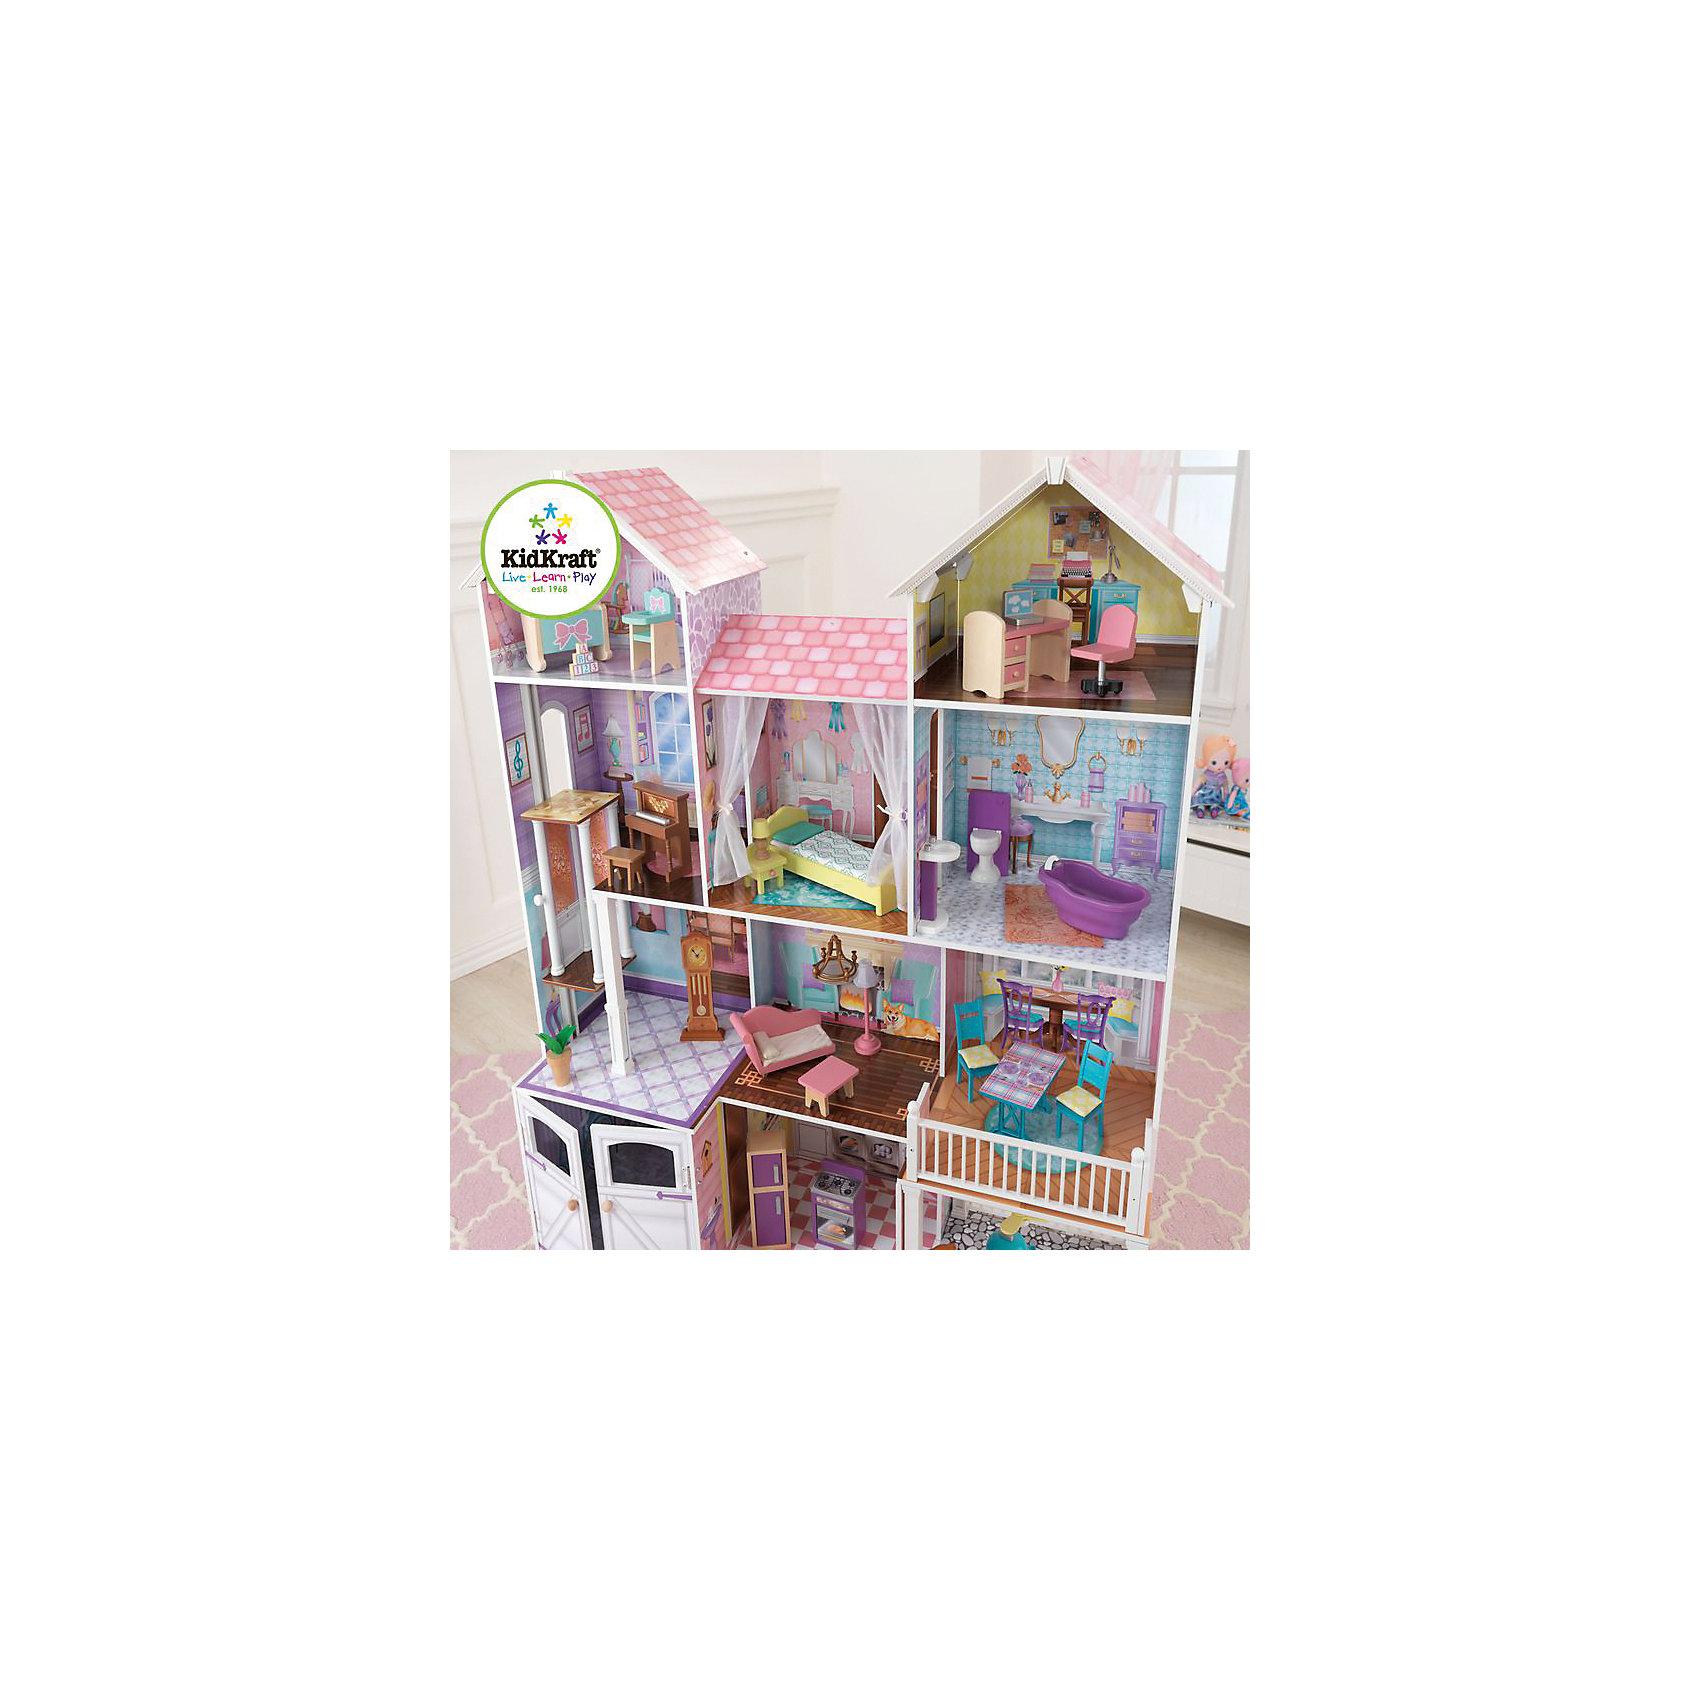 Дом для кукол до 32 см «Загородная усадьба» (Country Estate), с мебелью, KidKraftДом для кукол «Загородная усадьба» с мебелью, KidKraft (КидКрафт).<br><br>Характеристики:<br><br>•Материал: дерево, МДФ, текстиль, пластик.<br>•Дом частично открытый (задняя стенка глухая, лицевая часть полностью открыта).<br>•4 этажа, 5 просторных комнаты, гараж, балкон, лифт, лестница.<br>•Цвет: розовый.<br>•Укомплектован мебелью и аксессуарами.<br>•Интерактивные элементы, бассейн.<br>•Подходит для кукол высотой до 32см. <br>•Конструкция продается в разобранном виде.<br>•Размер игрушки в собранном виде - 119 x 53 x 134см.<br>•Размер упаковки - 96х57х23см.<br>•Вес: 31кг.<br><br>В комплекте:<br><br>• 30 предметов интерьера: плита и холодильник (на кухне), вентилятор, 2 кресла, гриль со съемной крышкой (на веранде), стол и 2 стула (в столовой), люстра, софа, журнальный столик и торшер (в гостиной), напольные цветы и горшок с цветком у лифта, ванна, унитаз и раковина (в ванной комнате), кровать, тумбочка и настольная лампа (в спальне), пианино с пуфиком (в библиотеке), стул, письменный стол и ноутбук (в кабинете), стул для кормления, люлька и игрушечные кубики (в детской). <br>• Инструкция по сборке.<br><br>Дом для кукол «Загородная усадьба» с мебелью, KidKraft (КидКрафт)– это игрушка - мечта от американского производителя. Большой деревянный дом с гаражом, верандой и 2-умя мансардными комнатами. В кукольной усадьбе 4 этажа и 9 комнат. На первом этаже располагаются встроенный гараж, кухня и веранда, на втором – гостиная и столовая, на третьем – библиотека, спальня и ванная комната, на четвертом – детская и кабинет. В доме есть очень стильный механический лифт. Уникальность домику придает меблировка. Домик комплектуется тридцатью предметами мебели и декора, включая два интерактивных элемента – торшер с подсветкой и унитаз с имитацией звука смыва. Юная леди, проявив фантазию, самостоятельно может обставить комнаты по своему вкусу. Игры с таким домиком помогают развить в девочке фантазию, тв